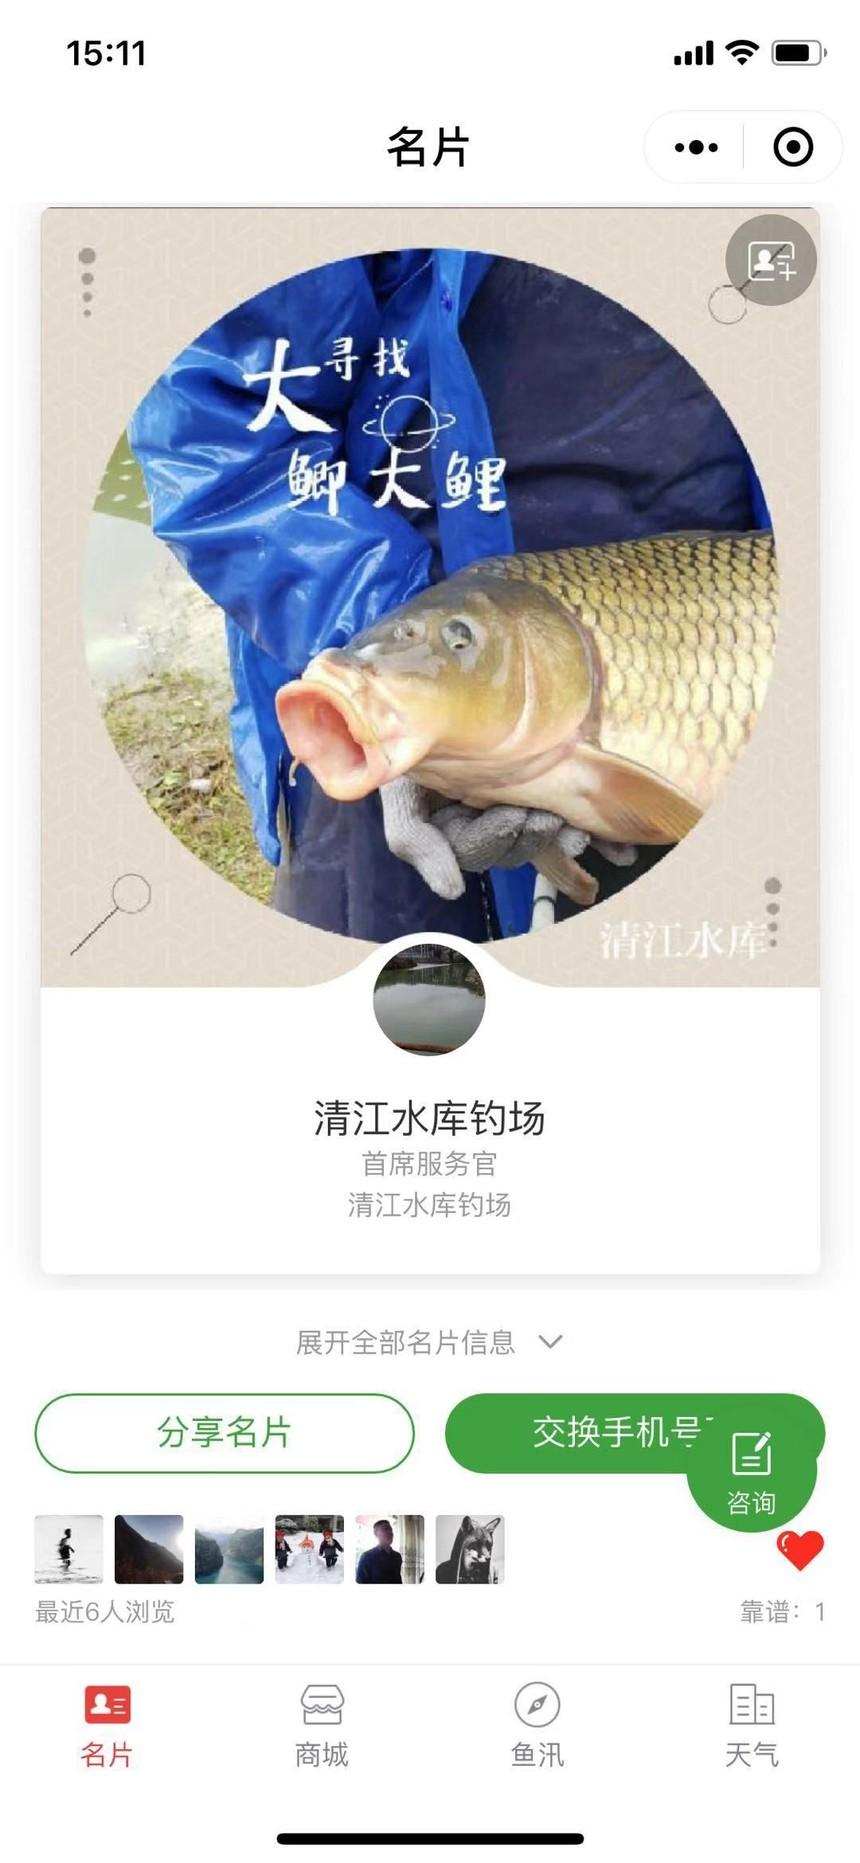 渔具团购小程序